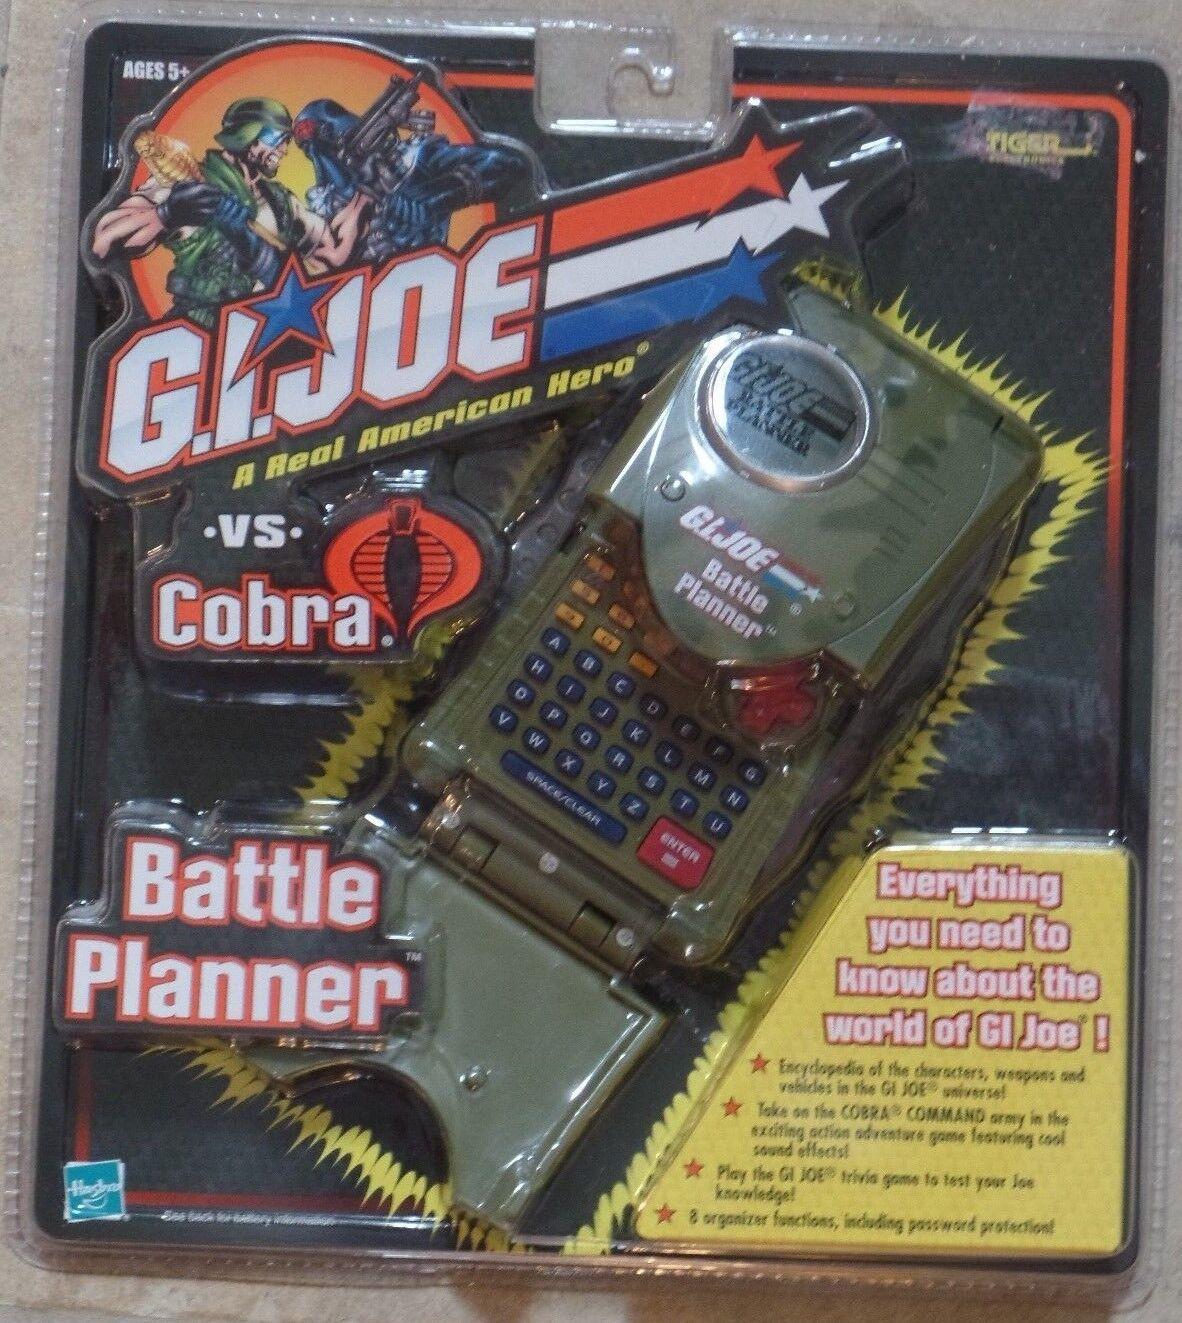 Gi Joe Vs Cobra Planificador De Batalla Tiger Electronics Nuevo Sellado Hasbro 2002